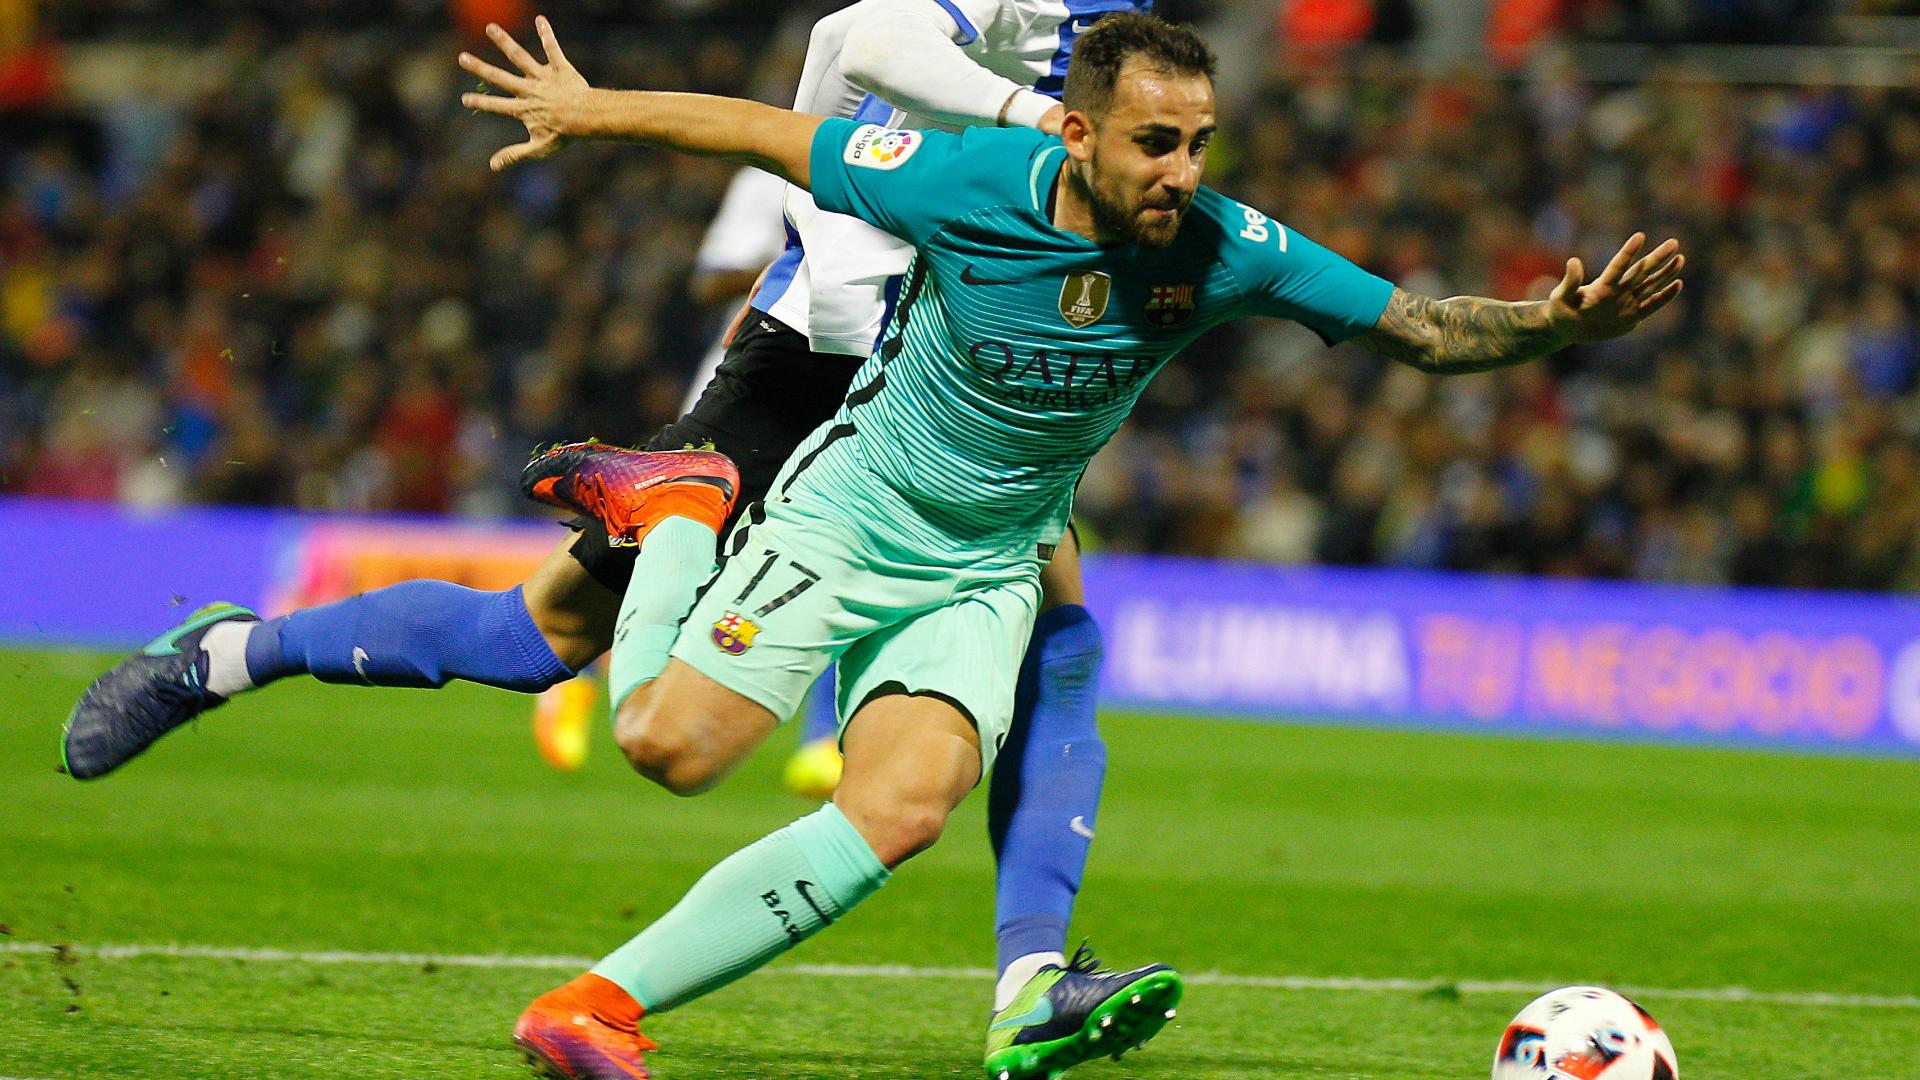 Le FC Barcelone contraint au nul par Hercules — Coupe du Roi